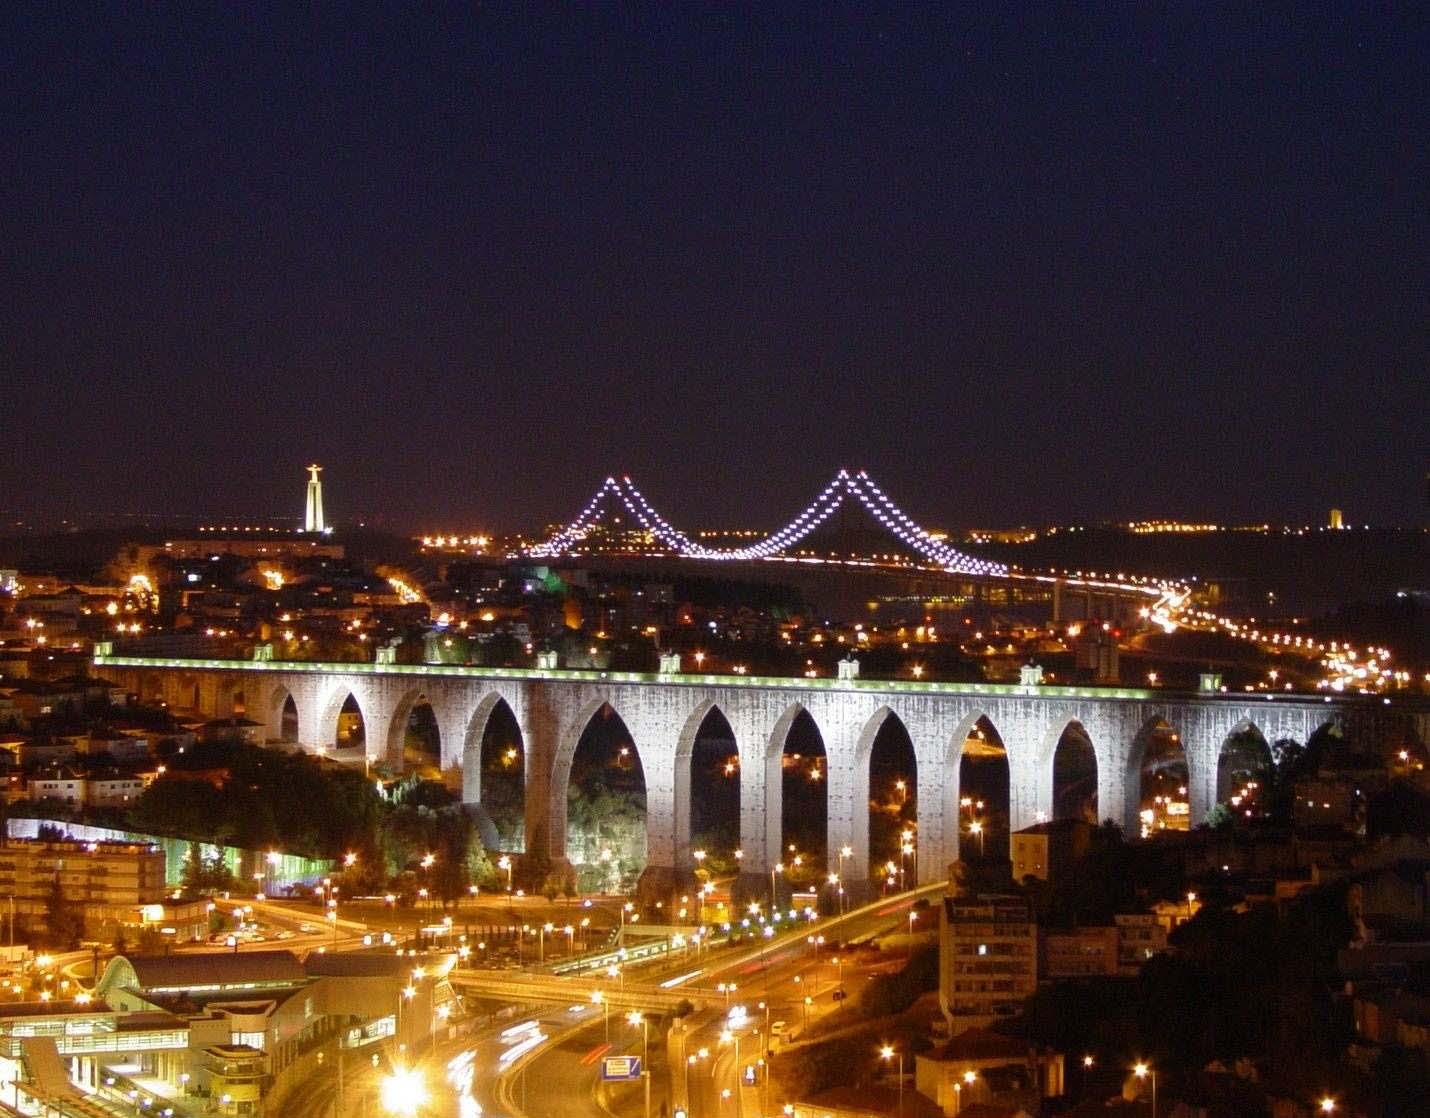 https://i2.wp.com/images.fanpop.com/images/image_uploads/Lisboa--portugal-260773_1430_1118.jpg